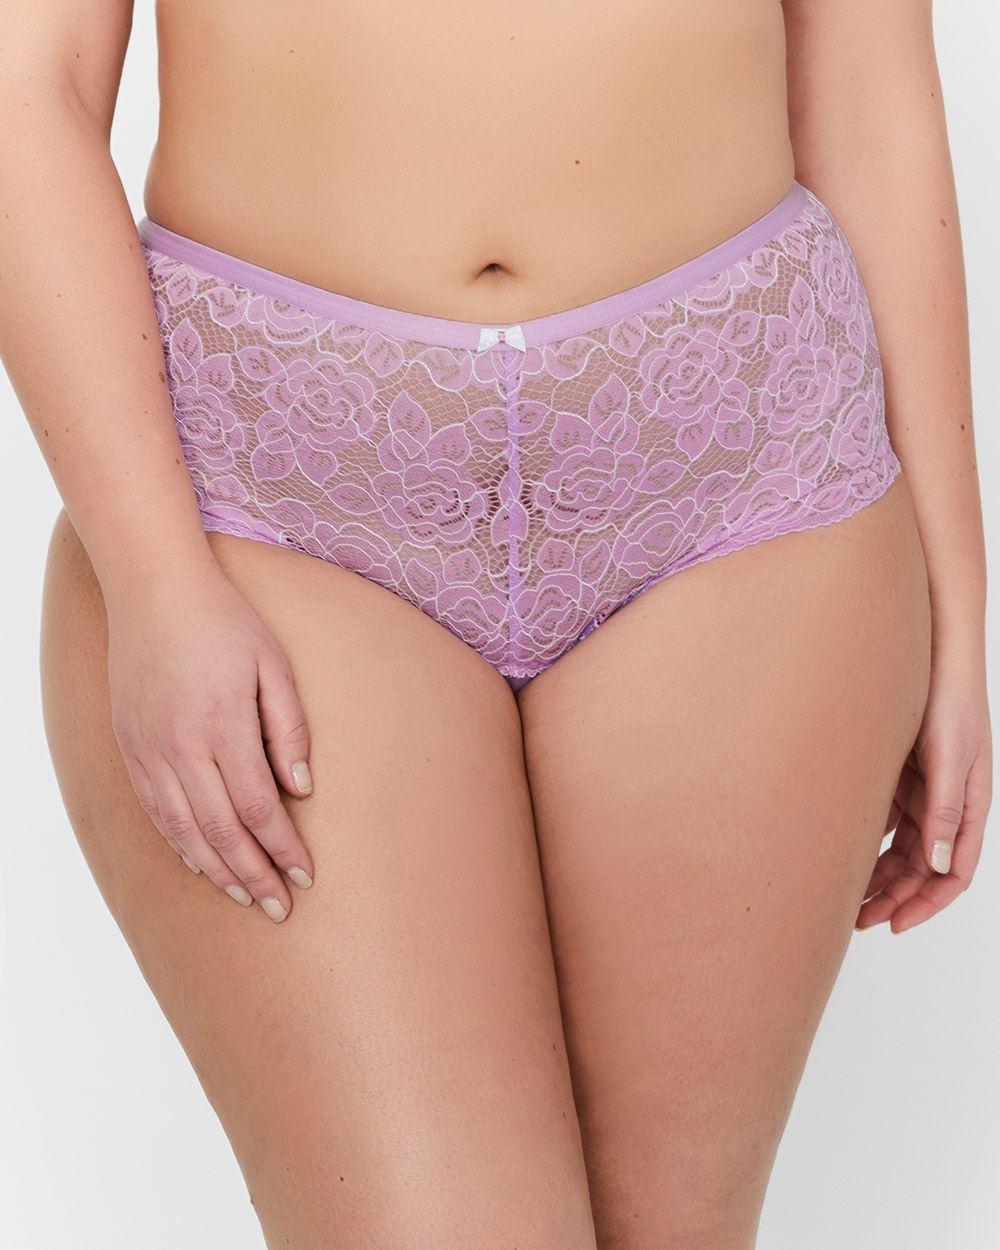 7239a98c4 Déesse Collection + Cross Dye Lace Femme Couture Panty